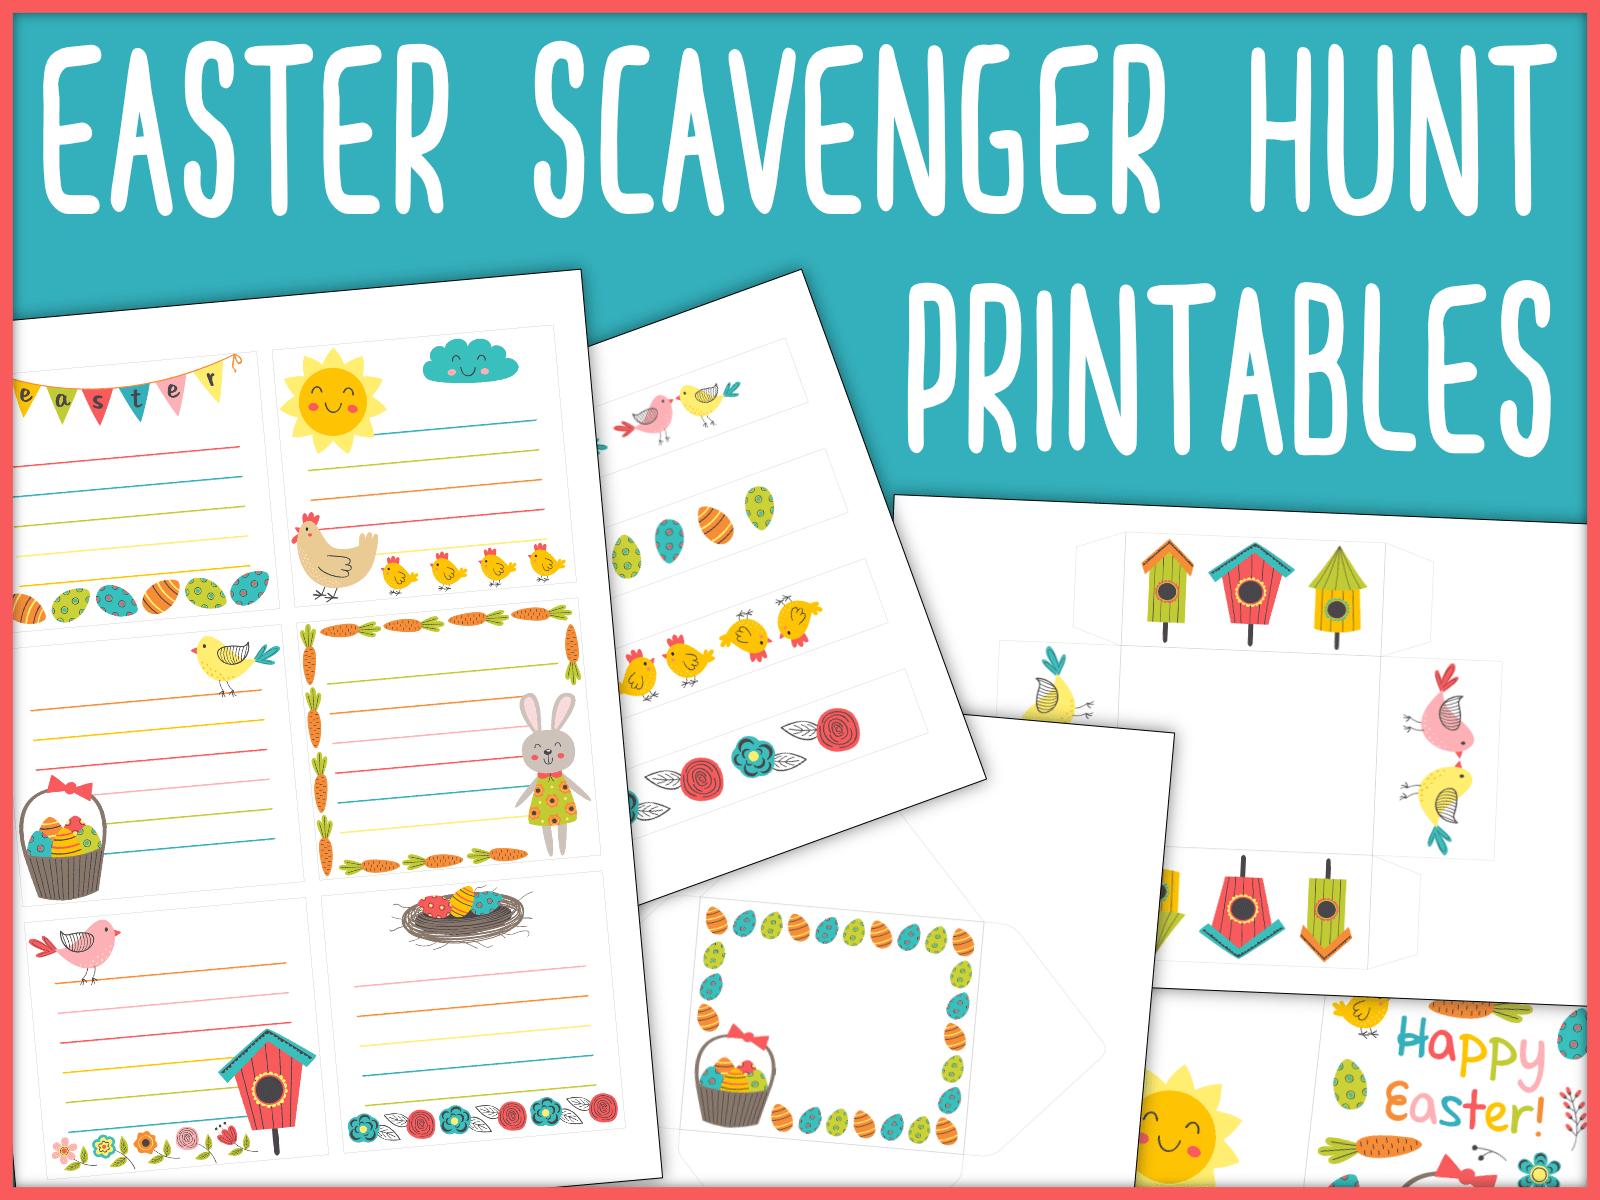 Easter Scavenger Hunt Free Printables